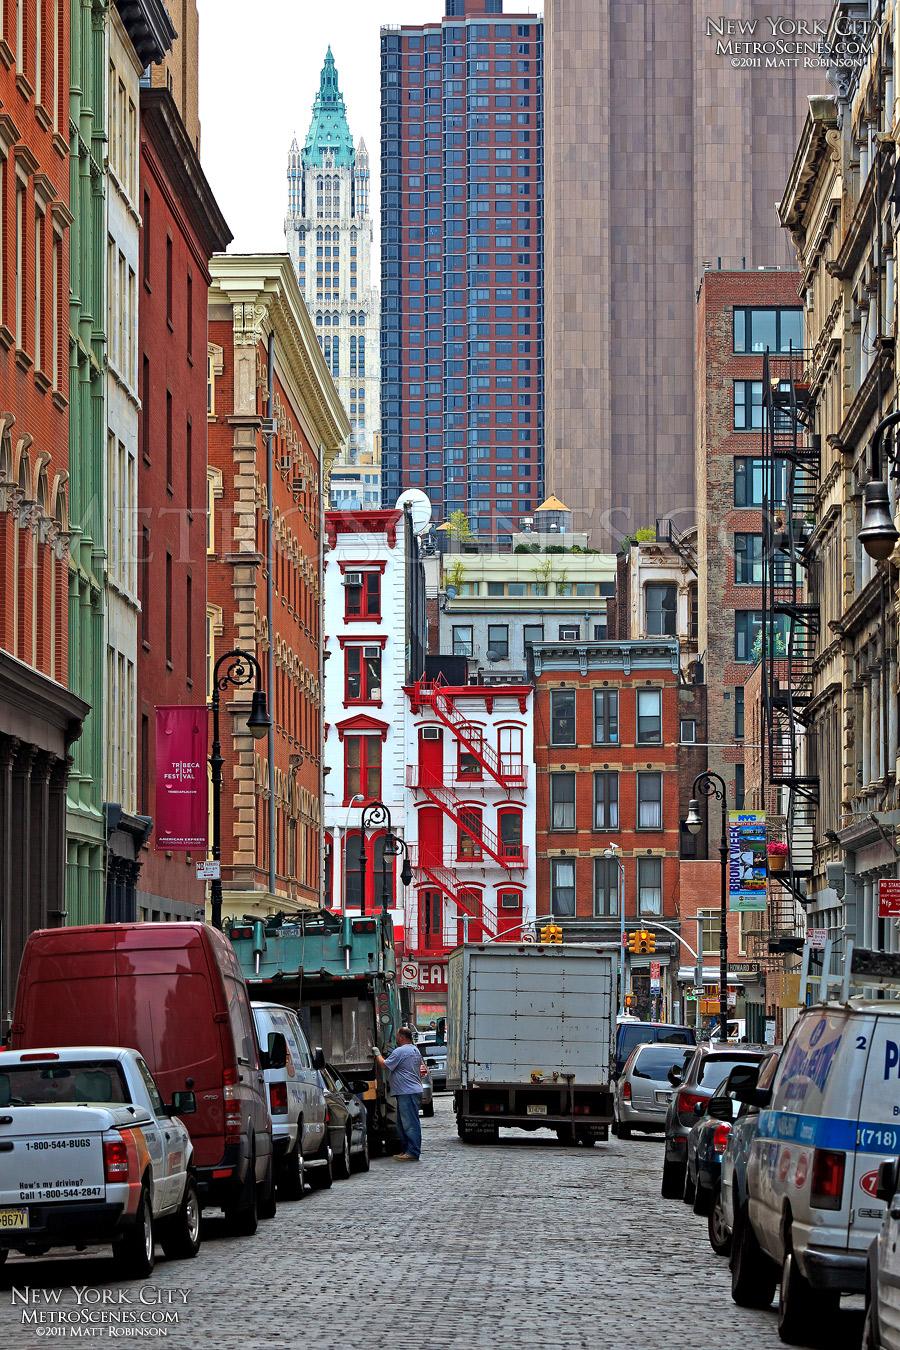 Mercer Street in New York City